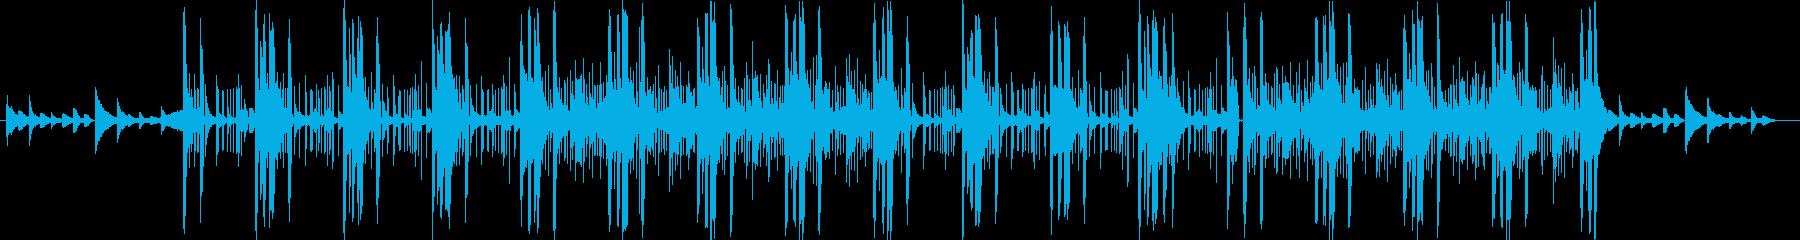 ダークな雰囲気のあるピアノ系のR&Bの再生済みの波形